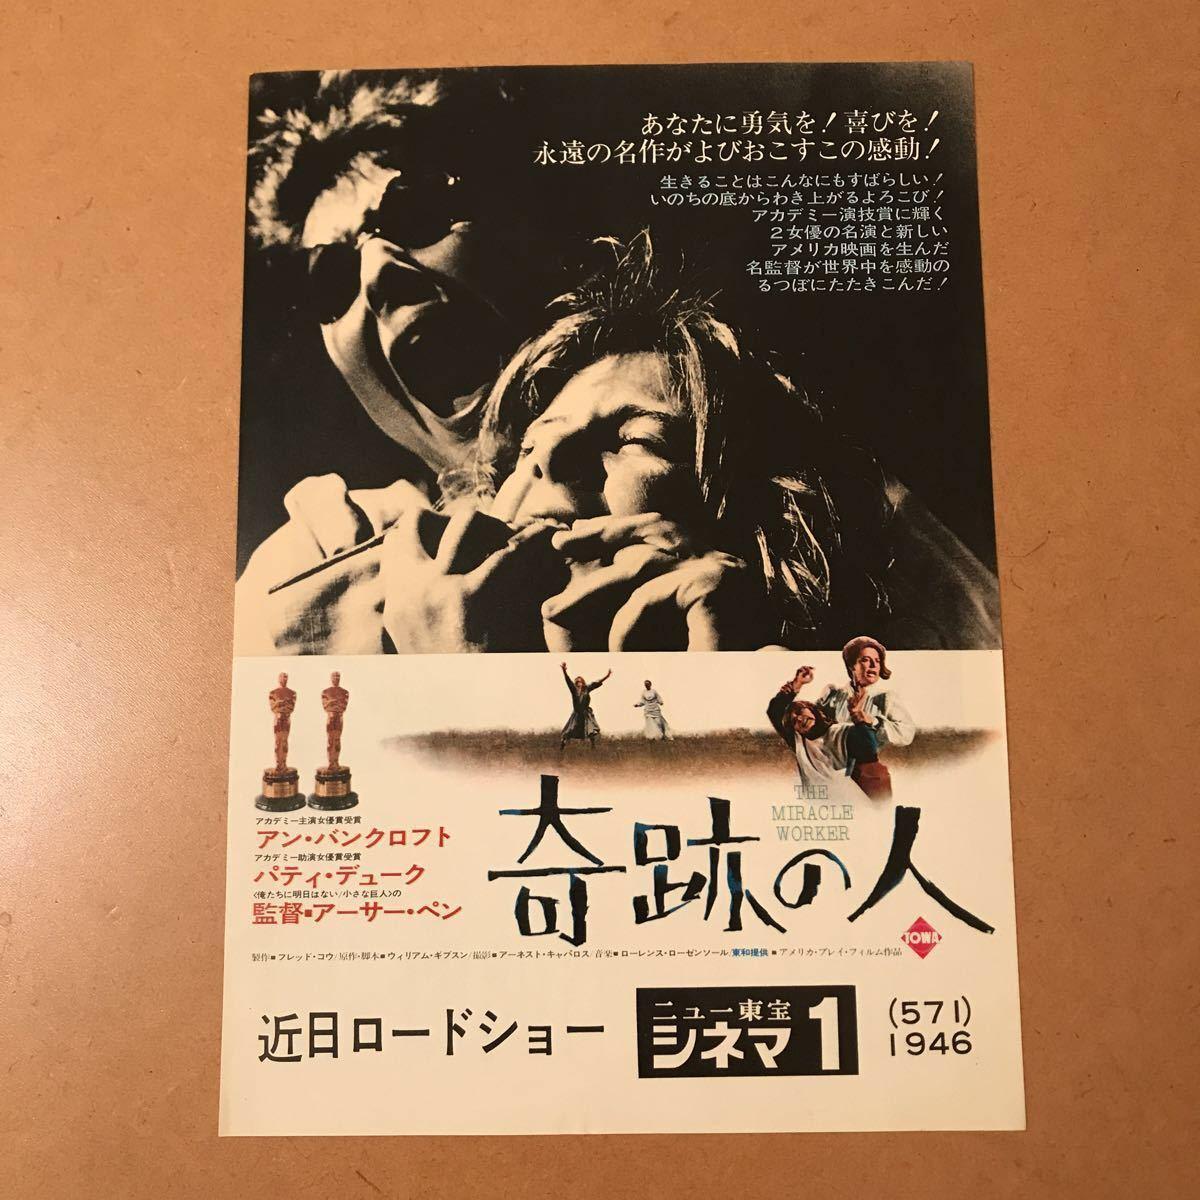 【希少/映画チラシ】『奇跡の人』1963年初公開作品 リバイバル上映時チラシ 通常カラーチラシ&2枚折り四角チラシ 2枚セット _画像8